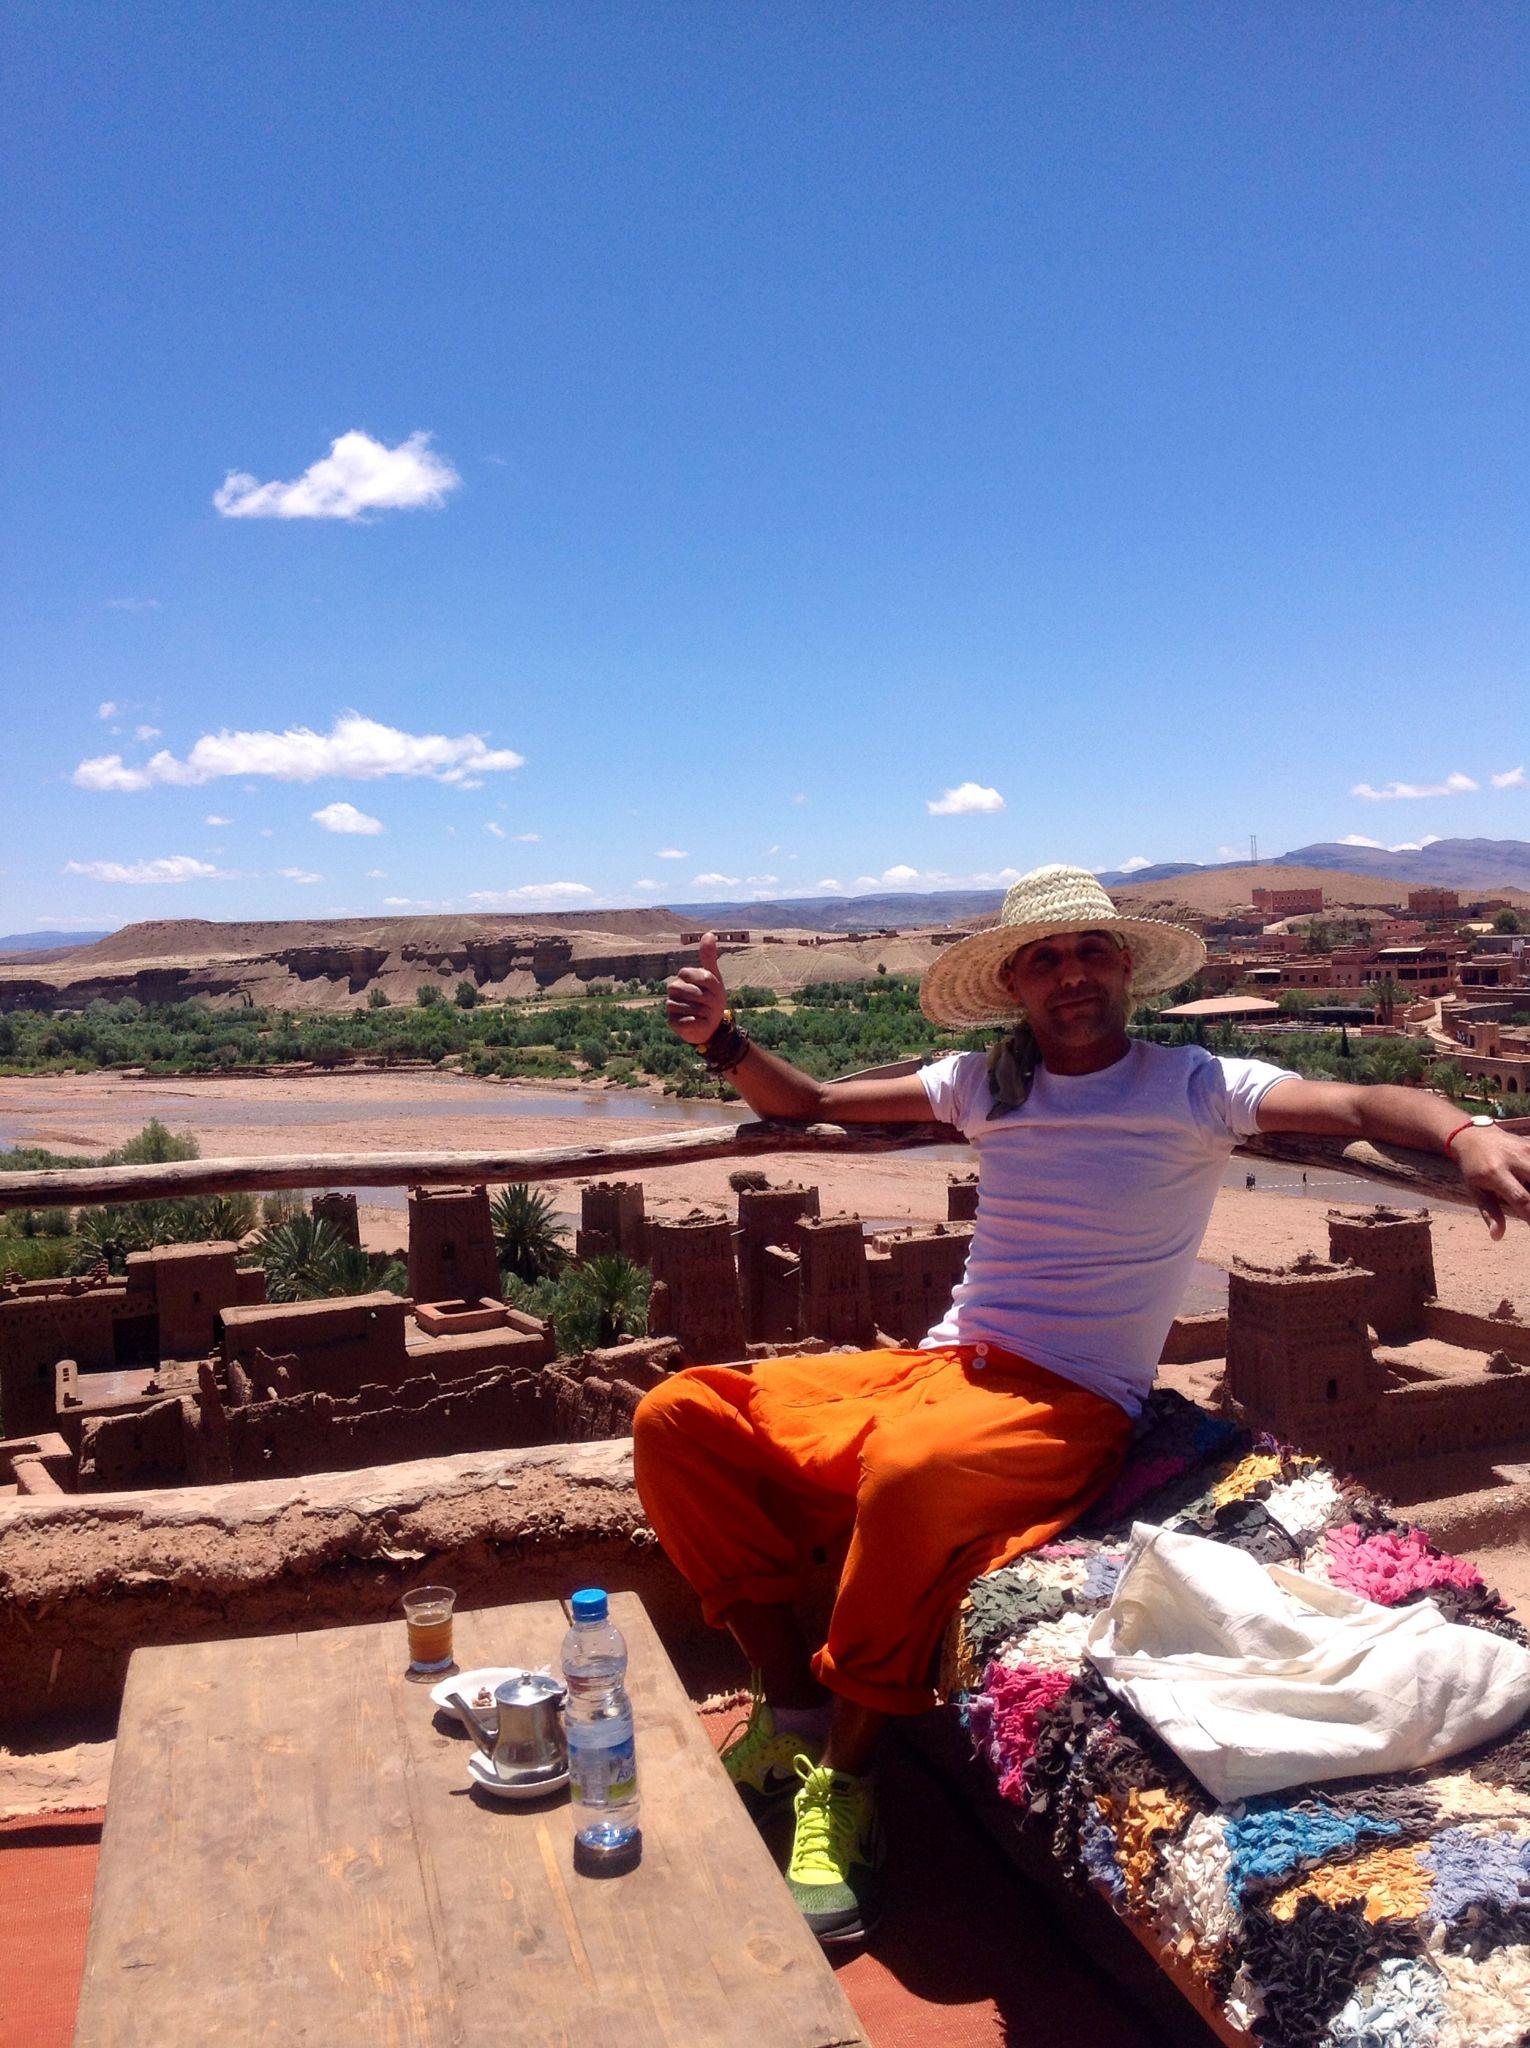 Kasbah ait ben haddou ouarzazate Maroc